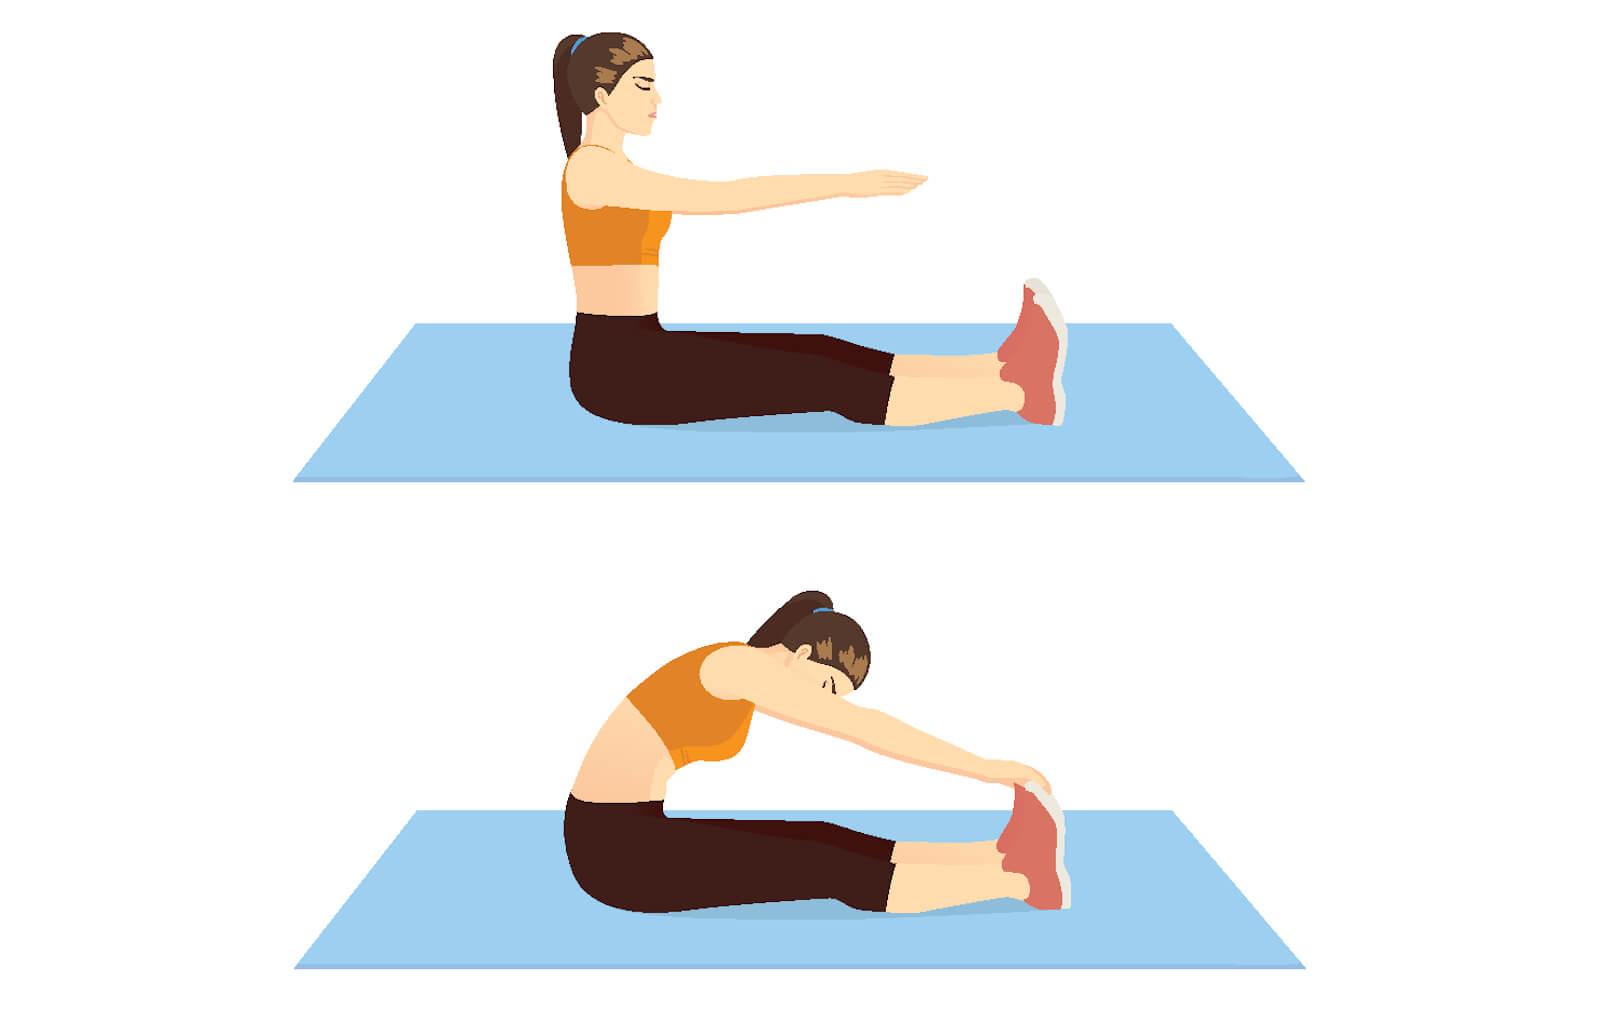 Junge Frau dehnt mit einer Pilates-Übung ihre Wirbelsäule.